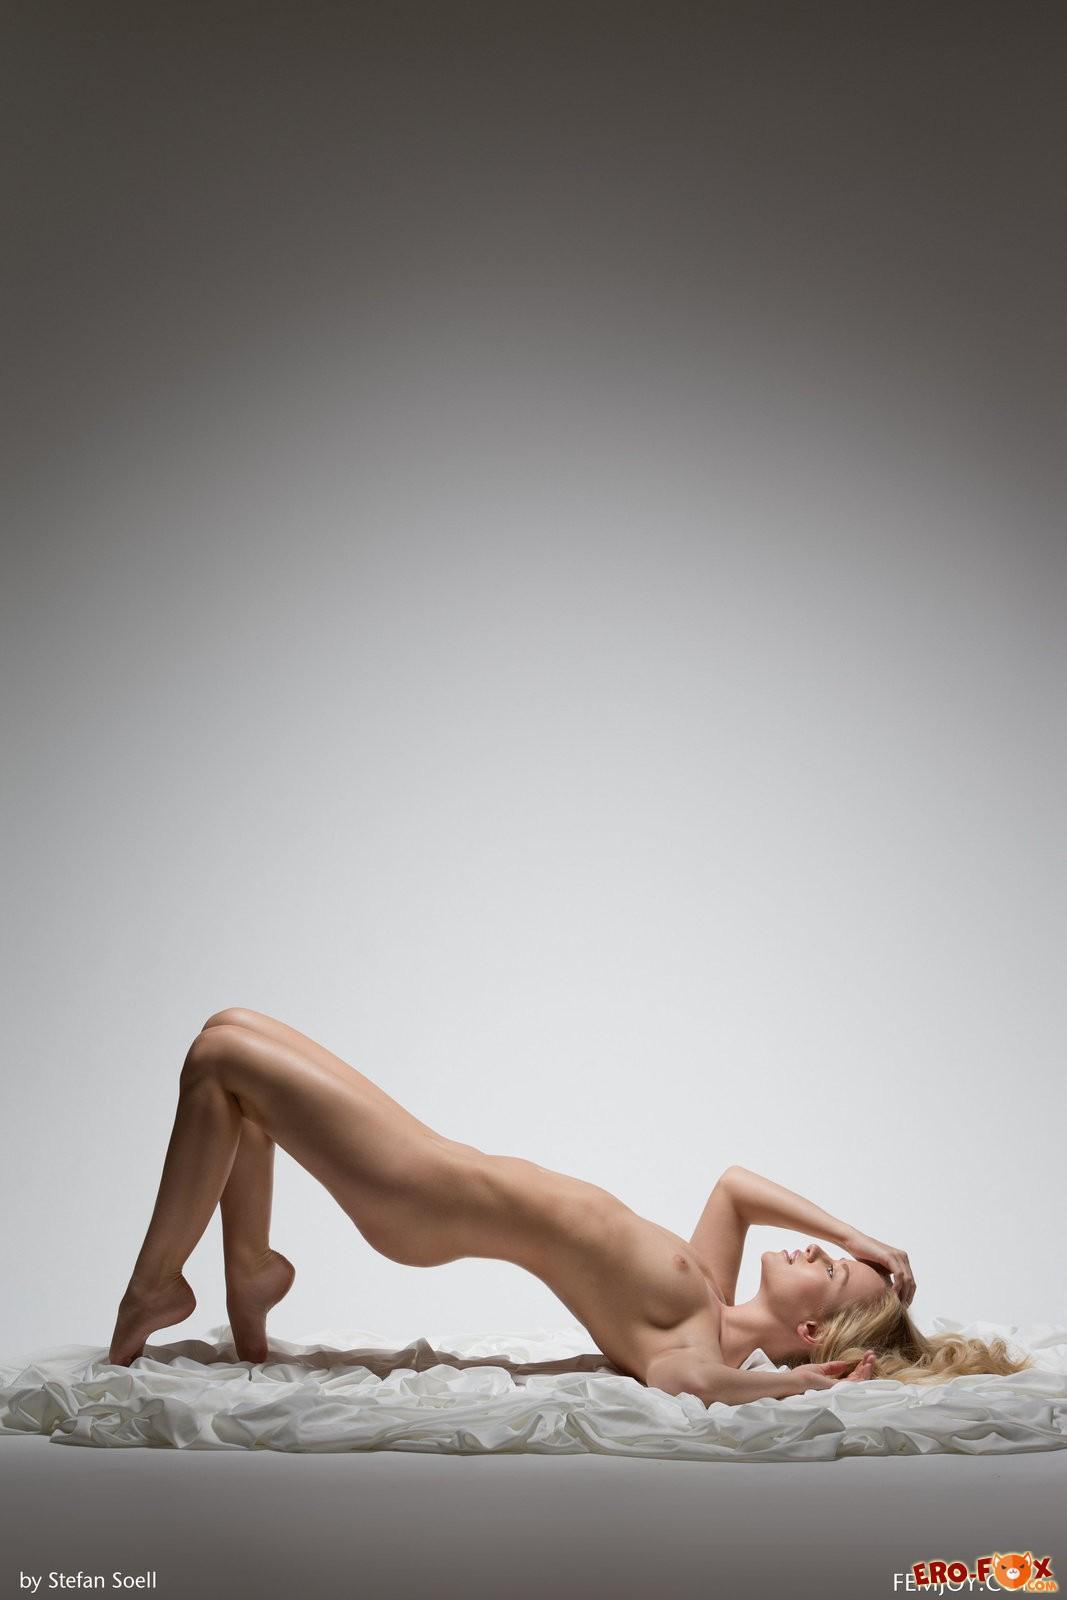 Сиськастая красотка блондинка, смотреть фото бесплатно.